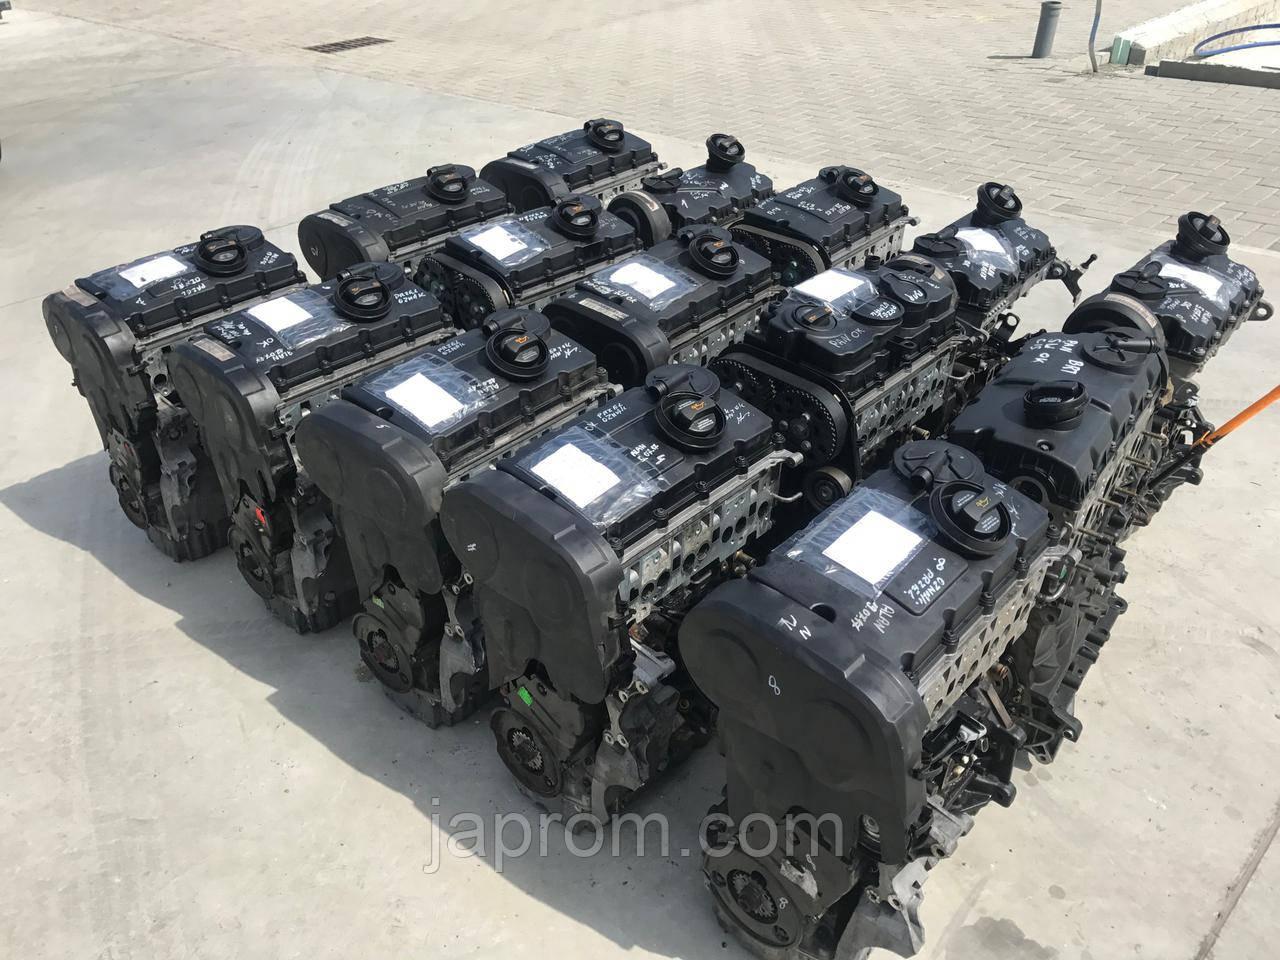 Мотор (Двигатель) Volkswagen SEAT AUDI 2.0 TDI 16V 140KM BKD, BKP